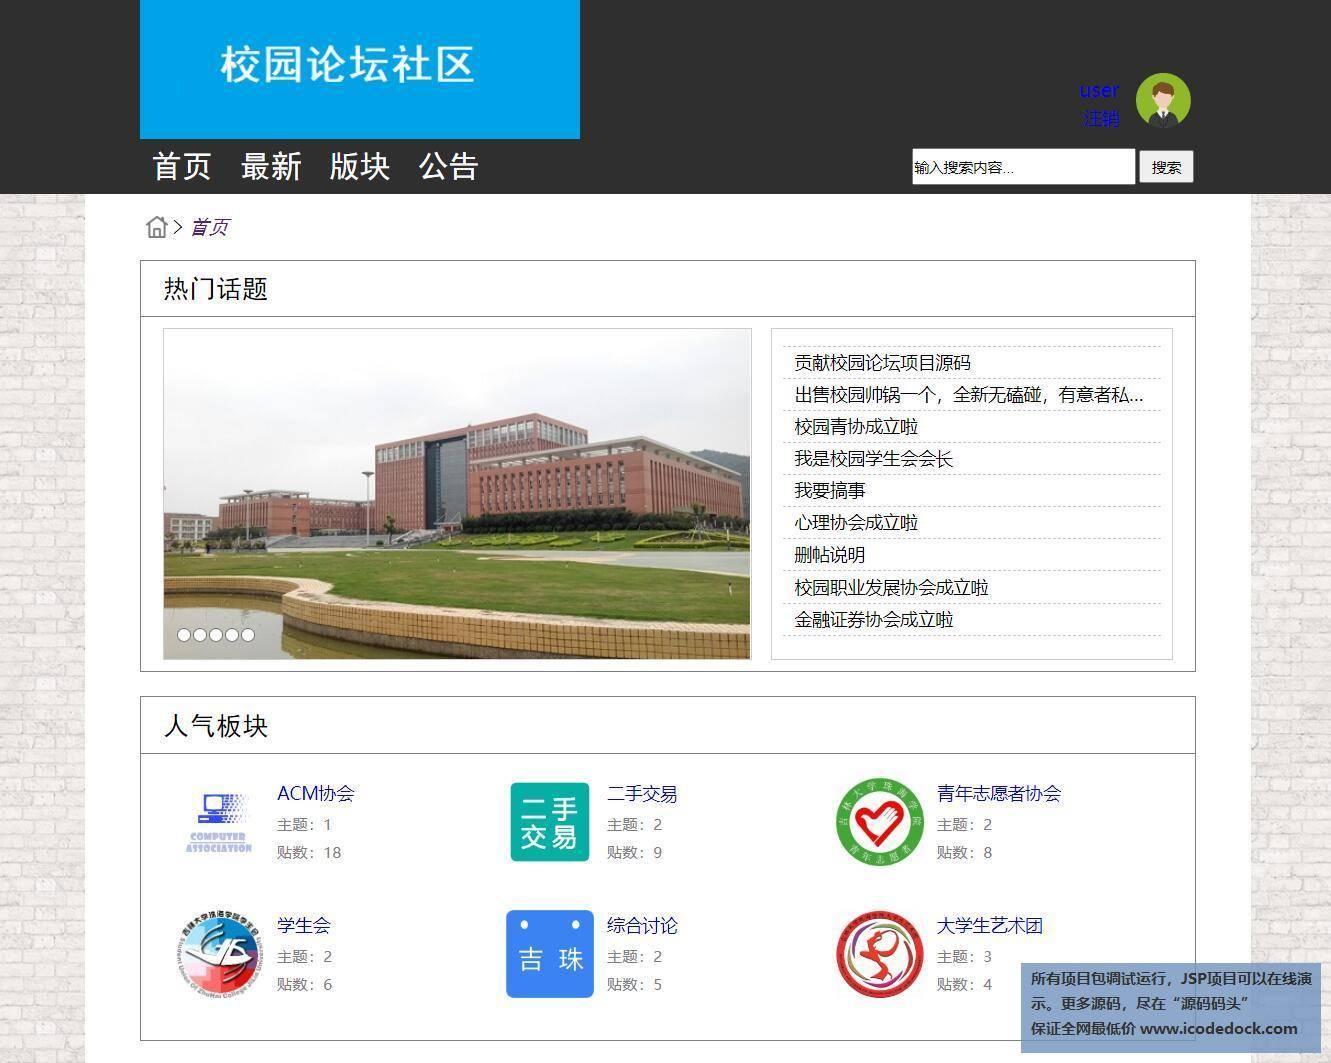 源码码头-JSP校园论坛管理系统-用户角色-用户首页